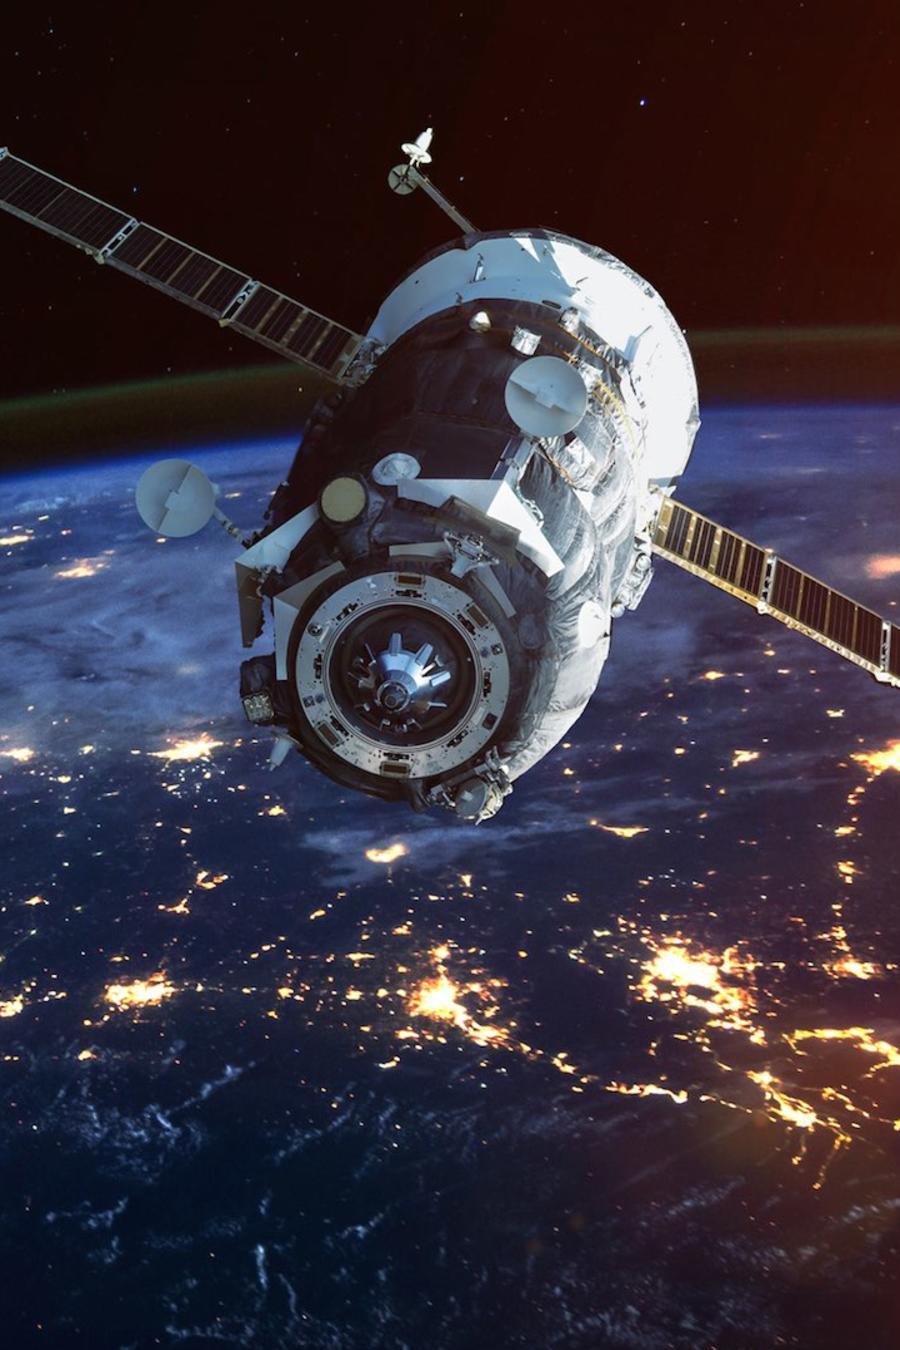 Satélite en el espacio con vista a la Tierra